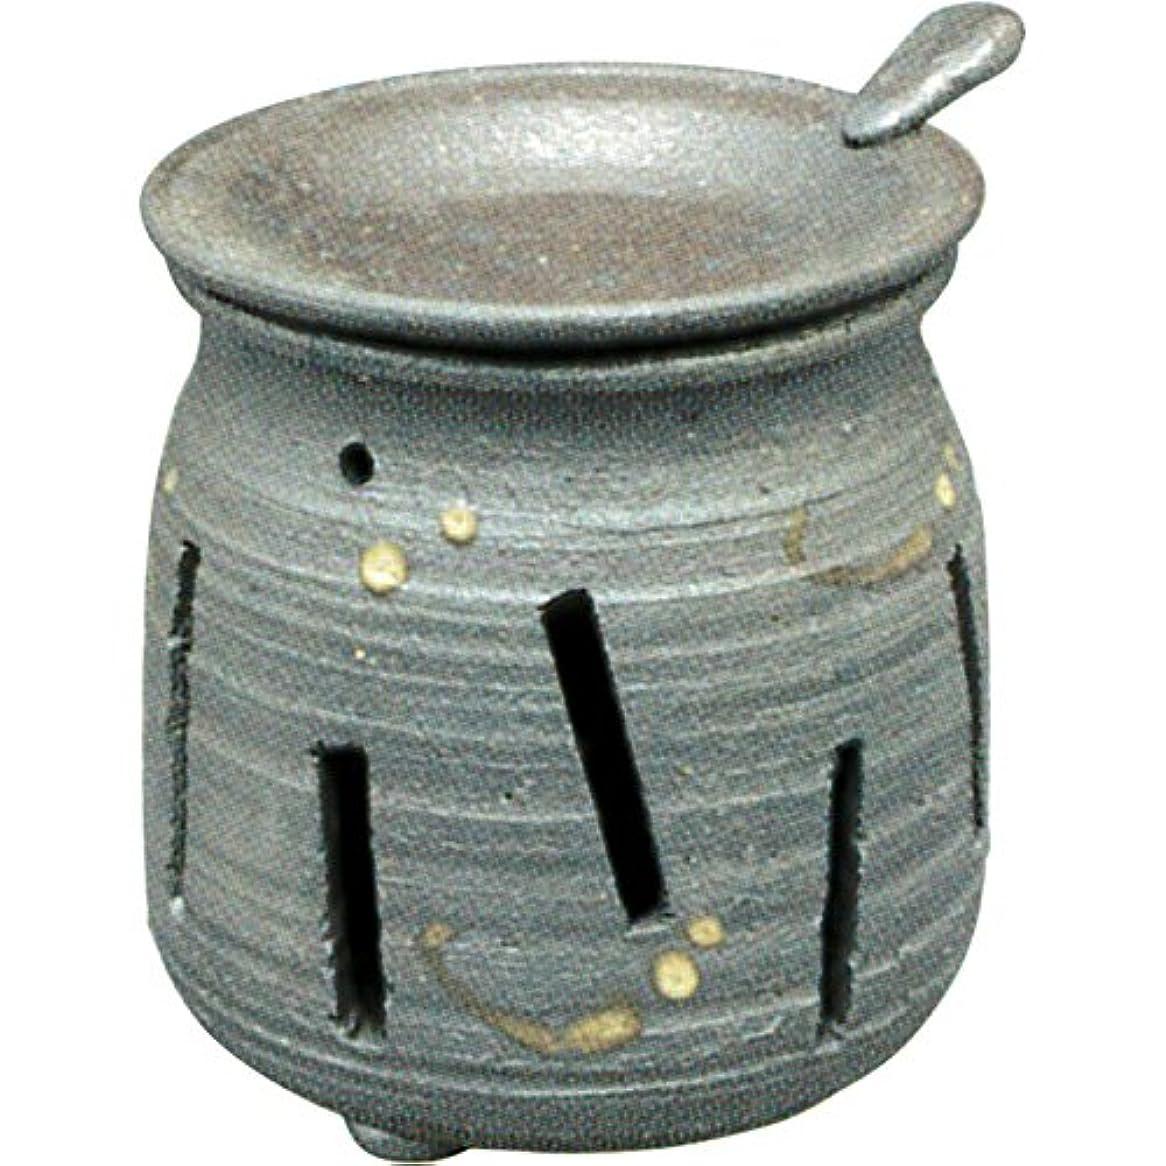 光の自治的解明する常滑焼 : 焜清 茶香炉 ル36-05